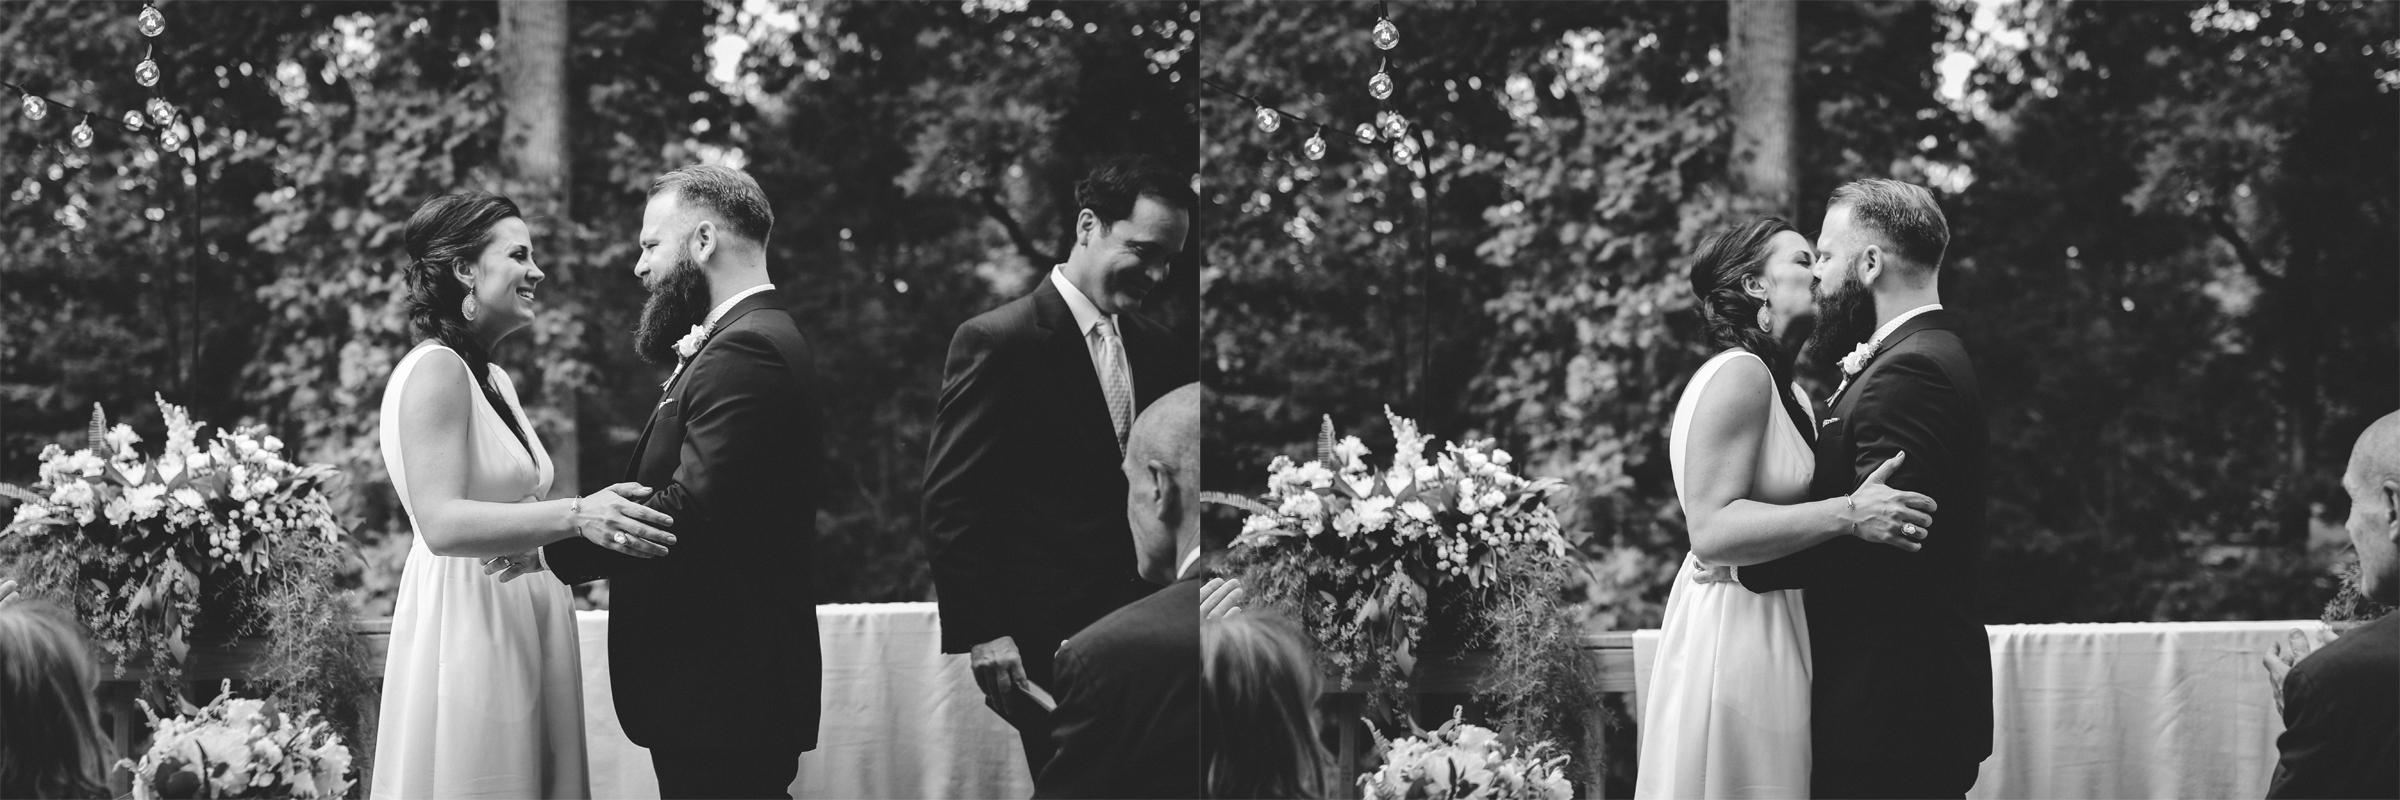 Abi + Dave DC Wedding11.jpg